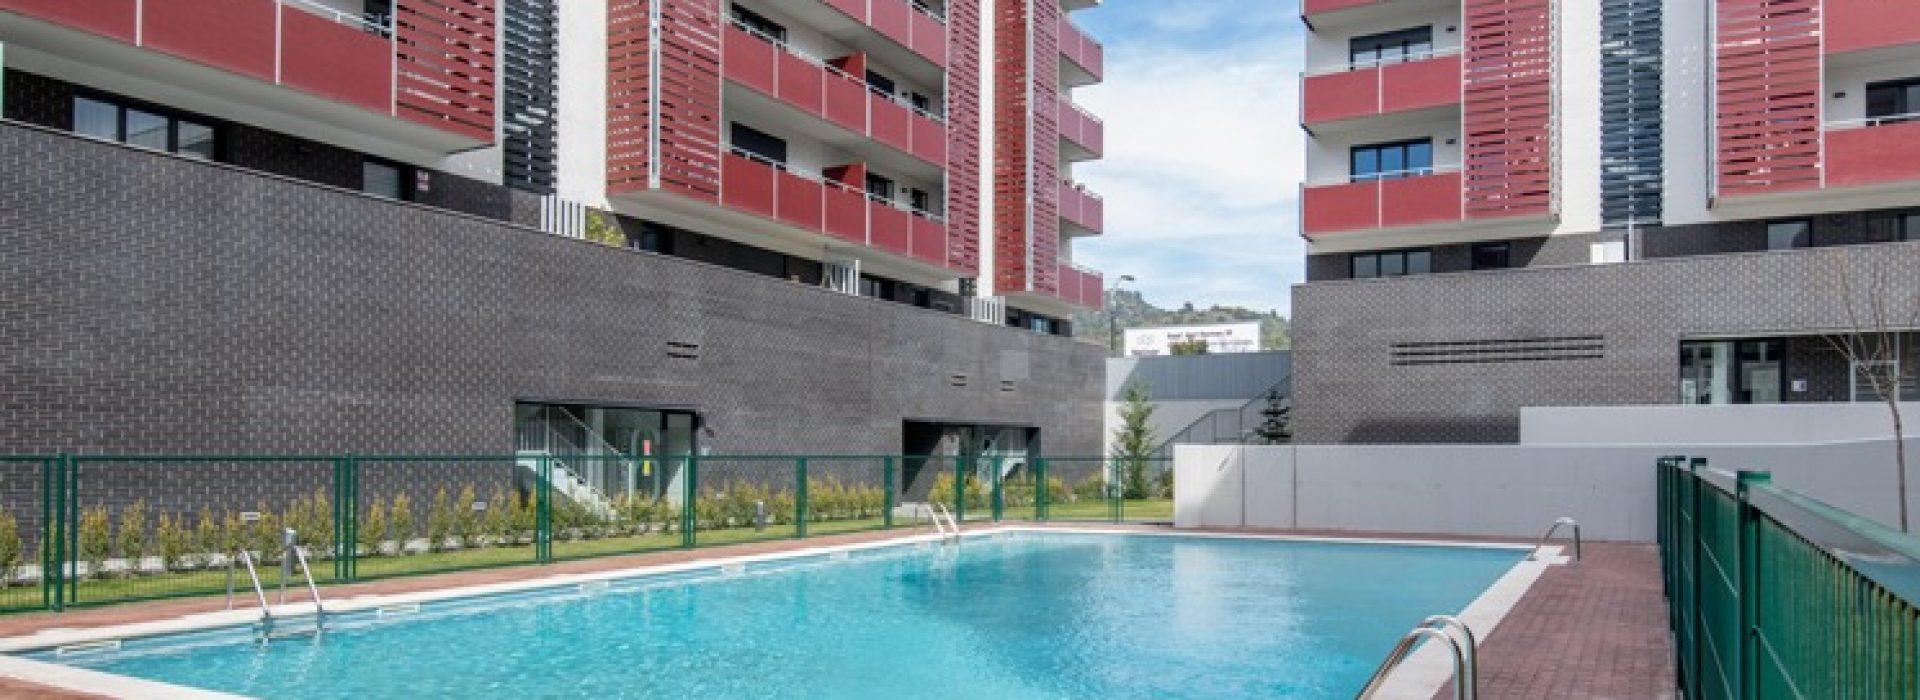 residencial-mas-lluí-parc-unifamiliares03